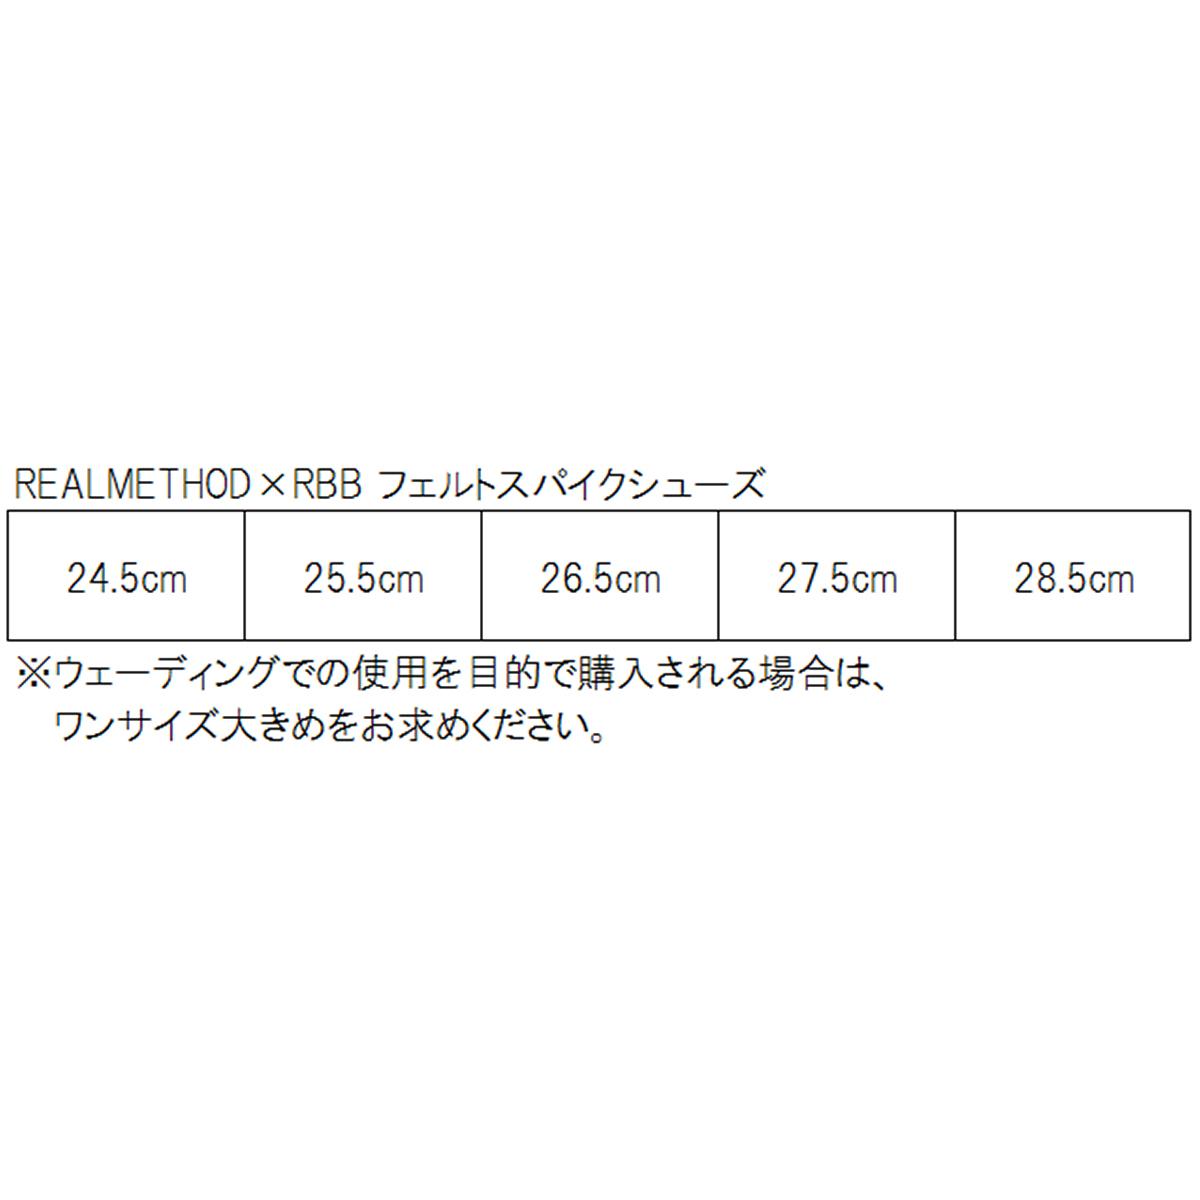 【6月5日は楽天カードがお得!エントリーで最大44倍!】タカミヤ REALMETHOD RM×RBB フェルトスパイクシューズ 27.5cm ブラック